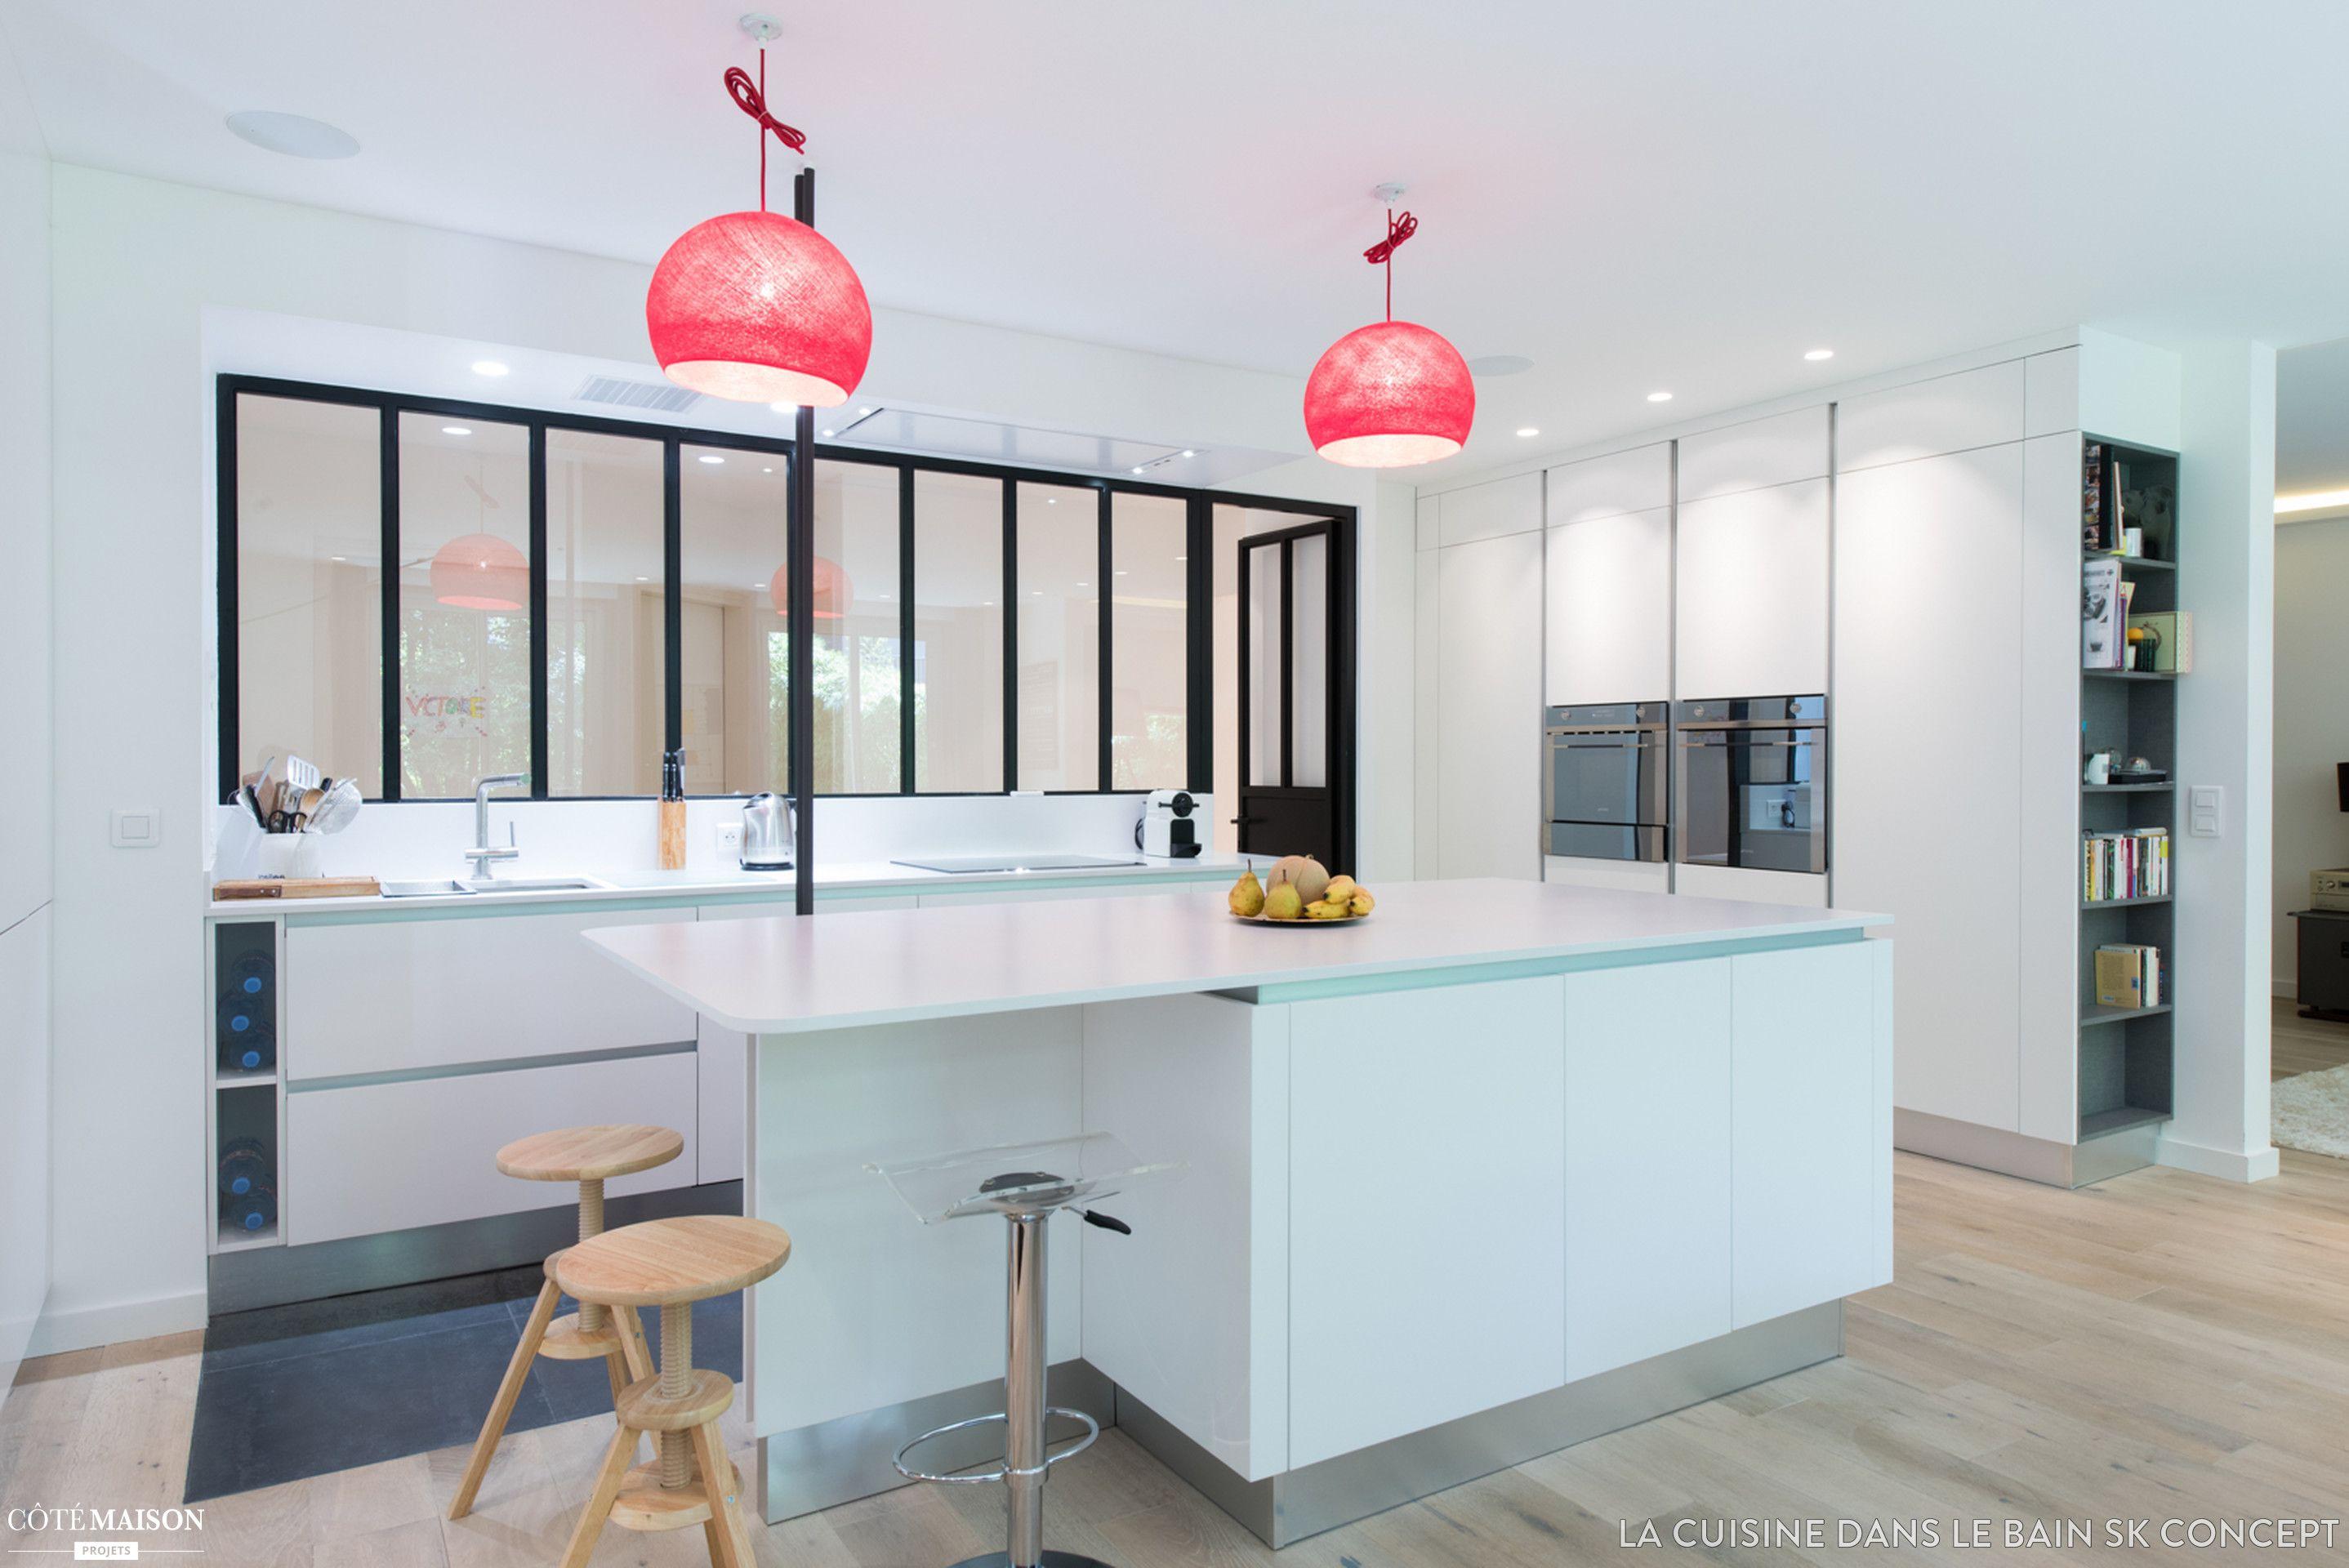 une cuisine blanche qui a de l'allure, neuilly-sur-seine, sk ... - Cours De Cuisine Neuilly Sur Seine